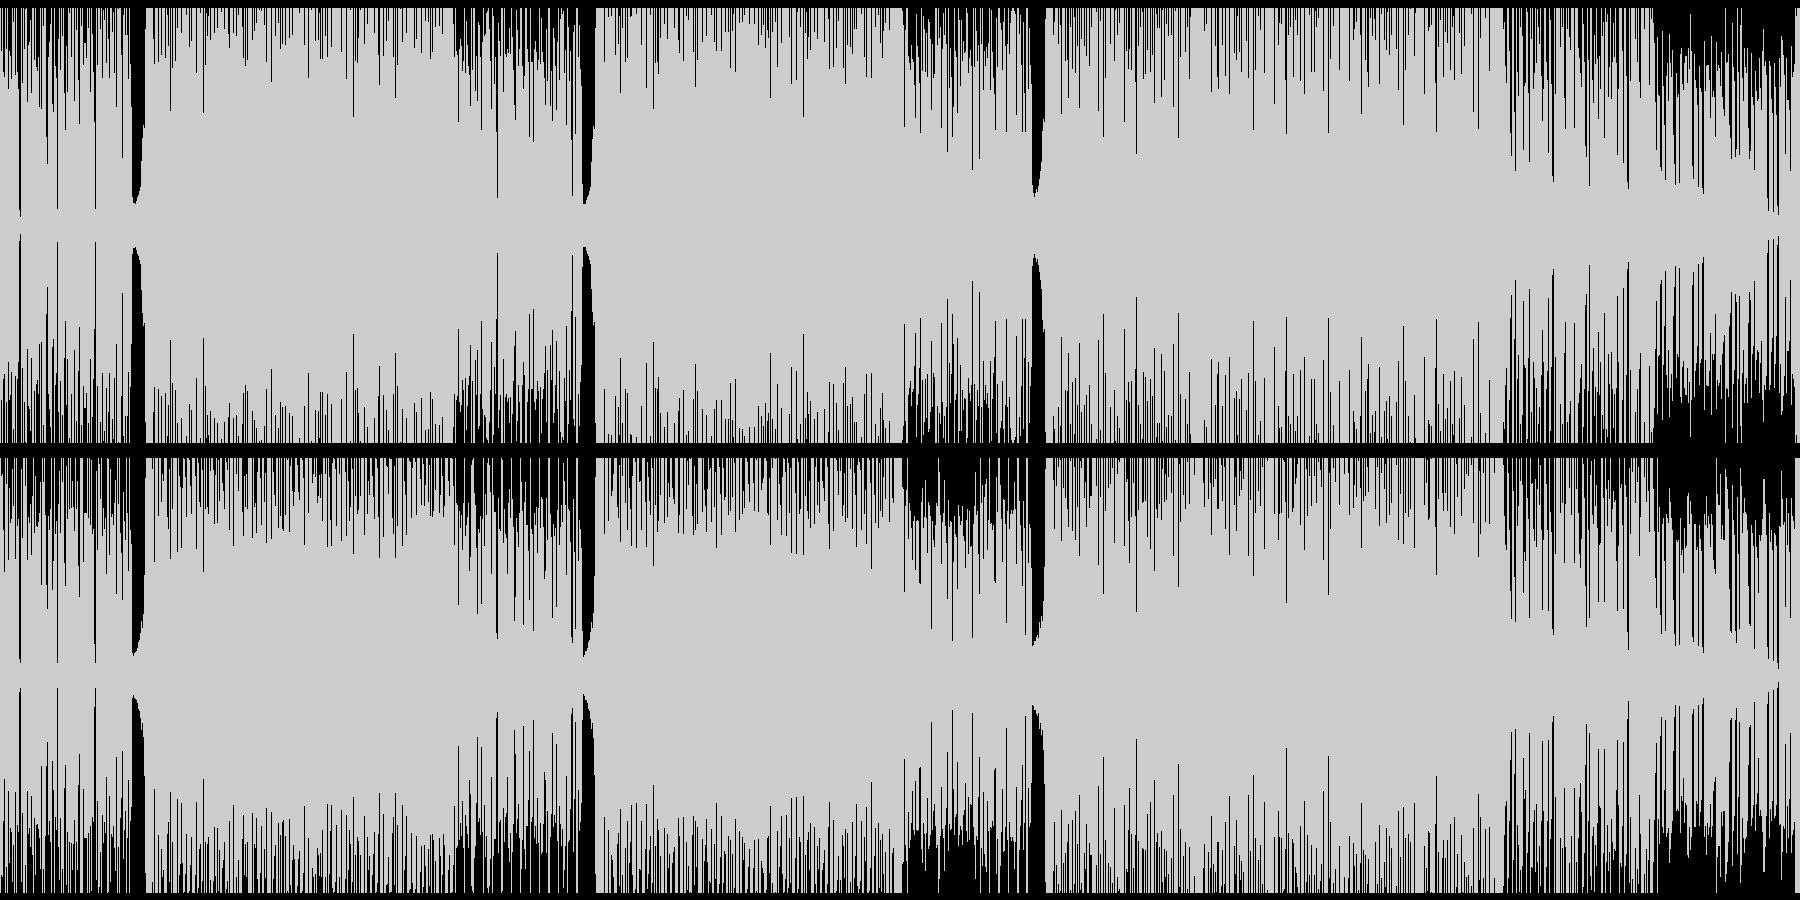 オシャレなダンスミュージック ループ可能の未再生の波形